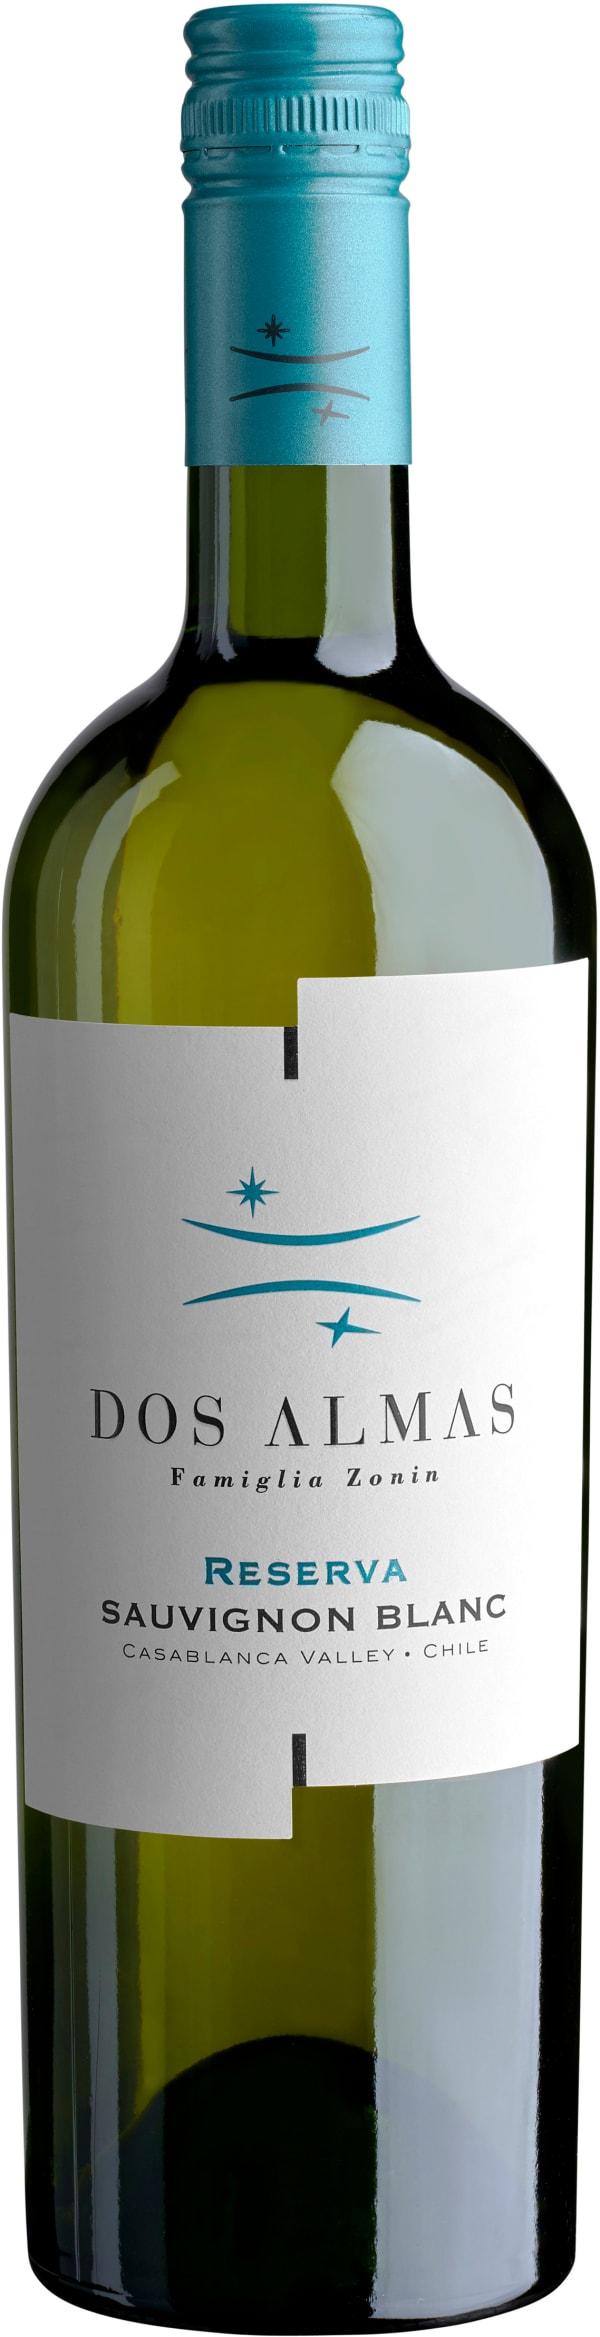 Dos Almas Sauvignon Blanc Reserva 2018